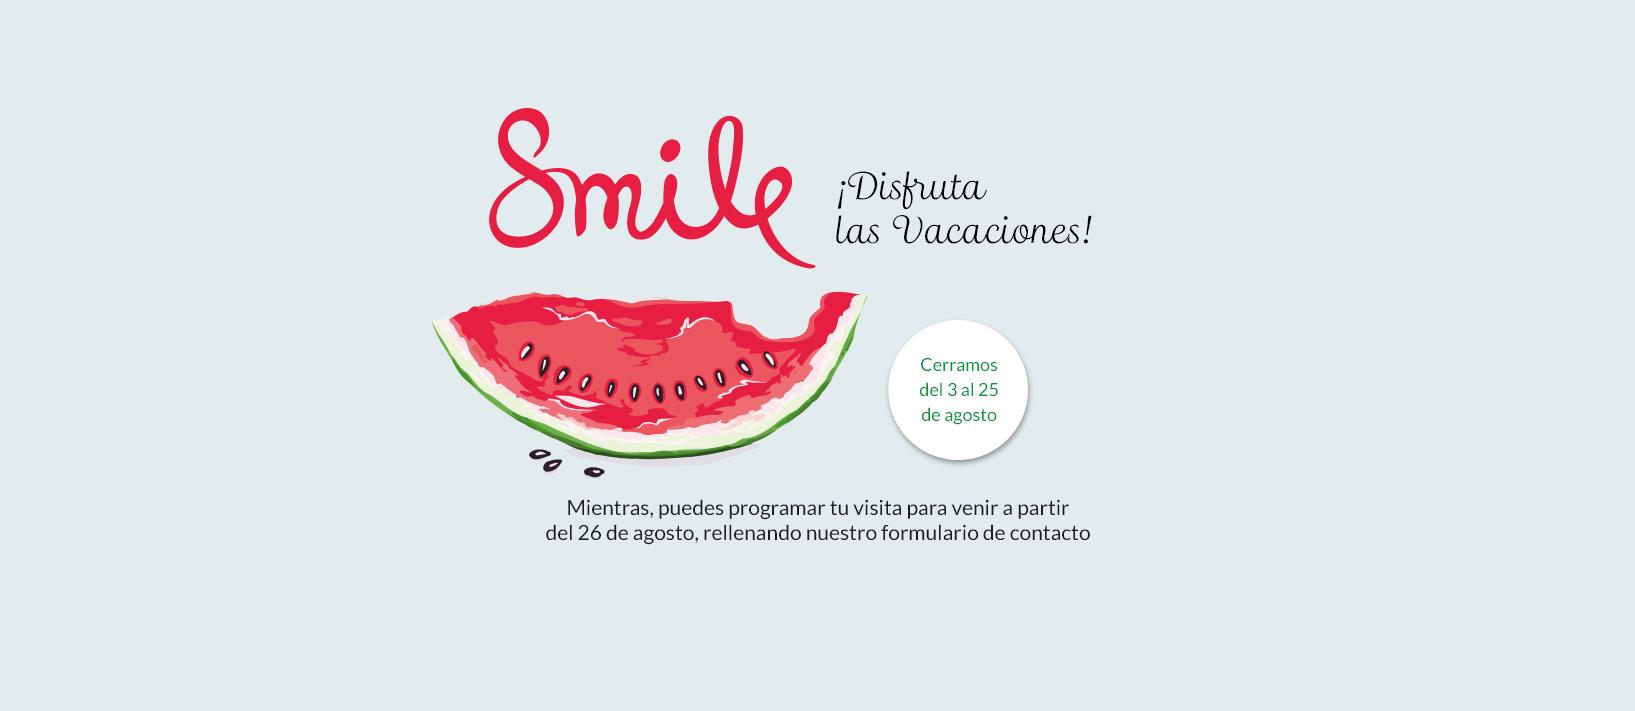 En ortodoncia tres torres clinica invisalign barcelona cerramos por vacaciones del 3 al 25 de agosto de 2019